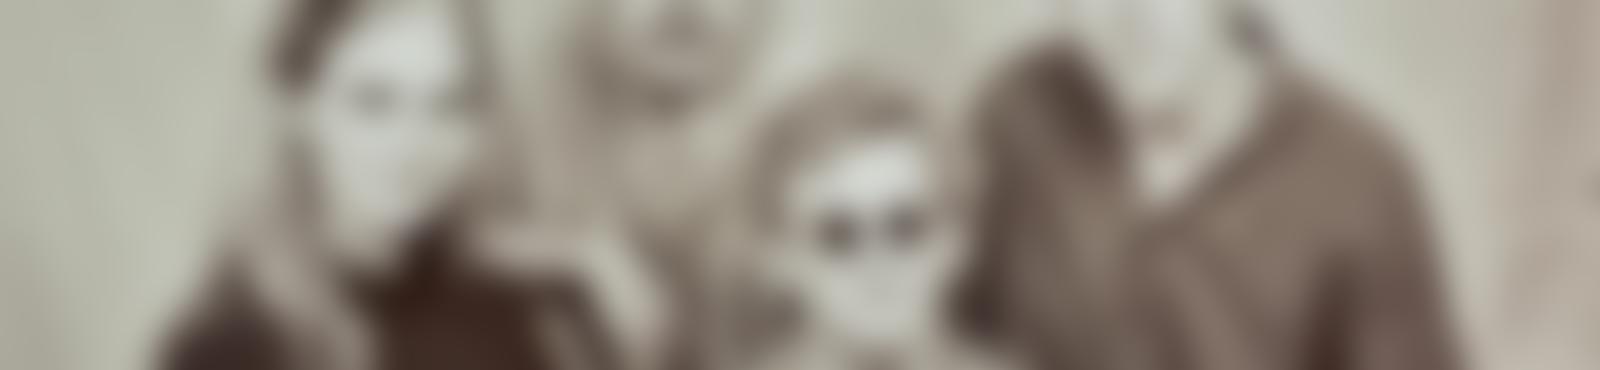 Blurred 1fac0632 7b32 42cd a3e1 d238e8f6d113